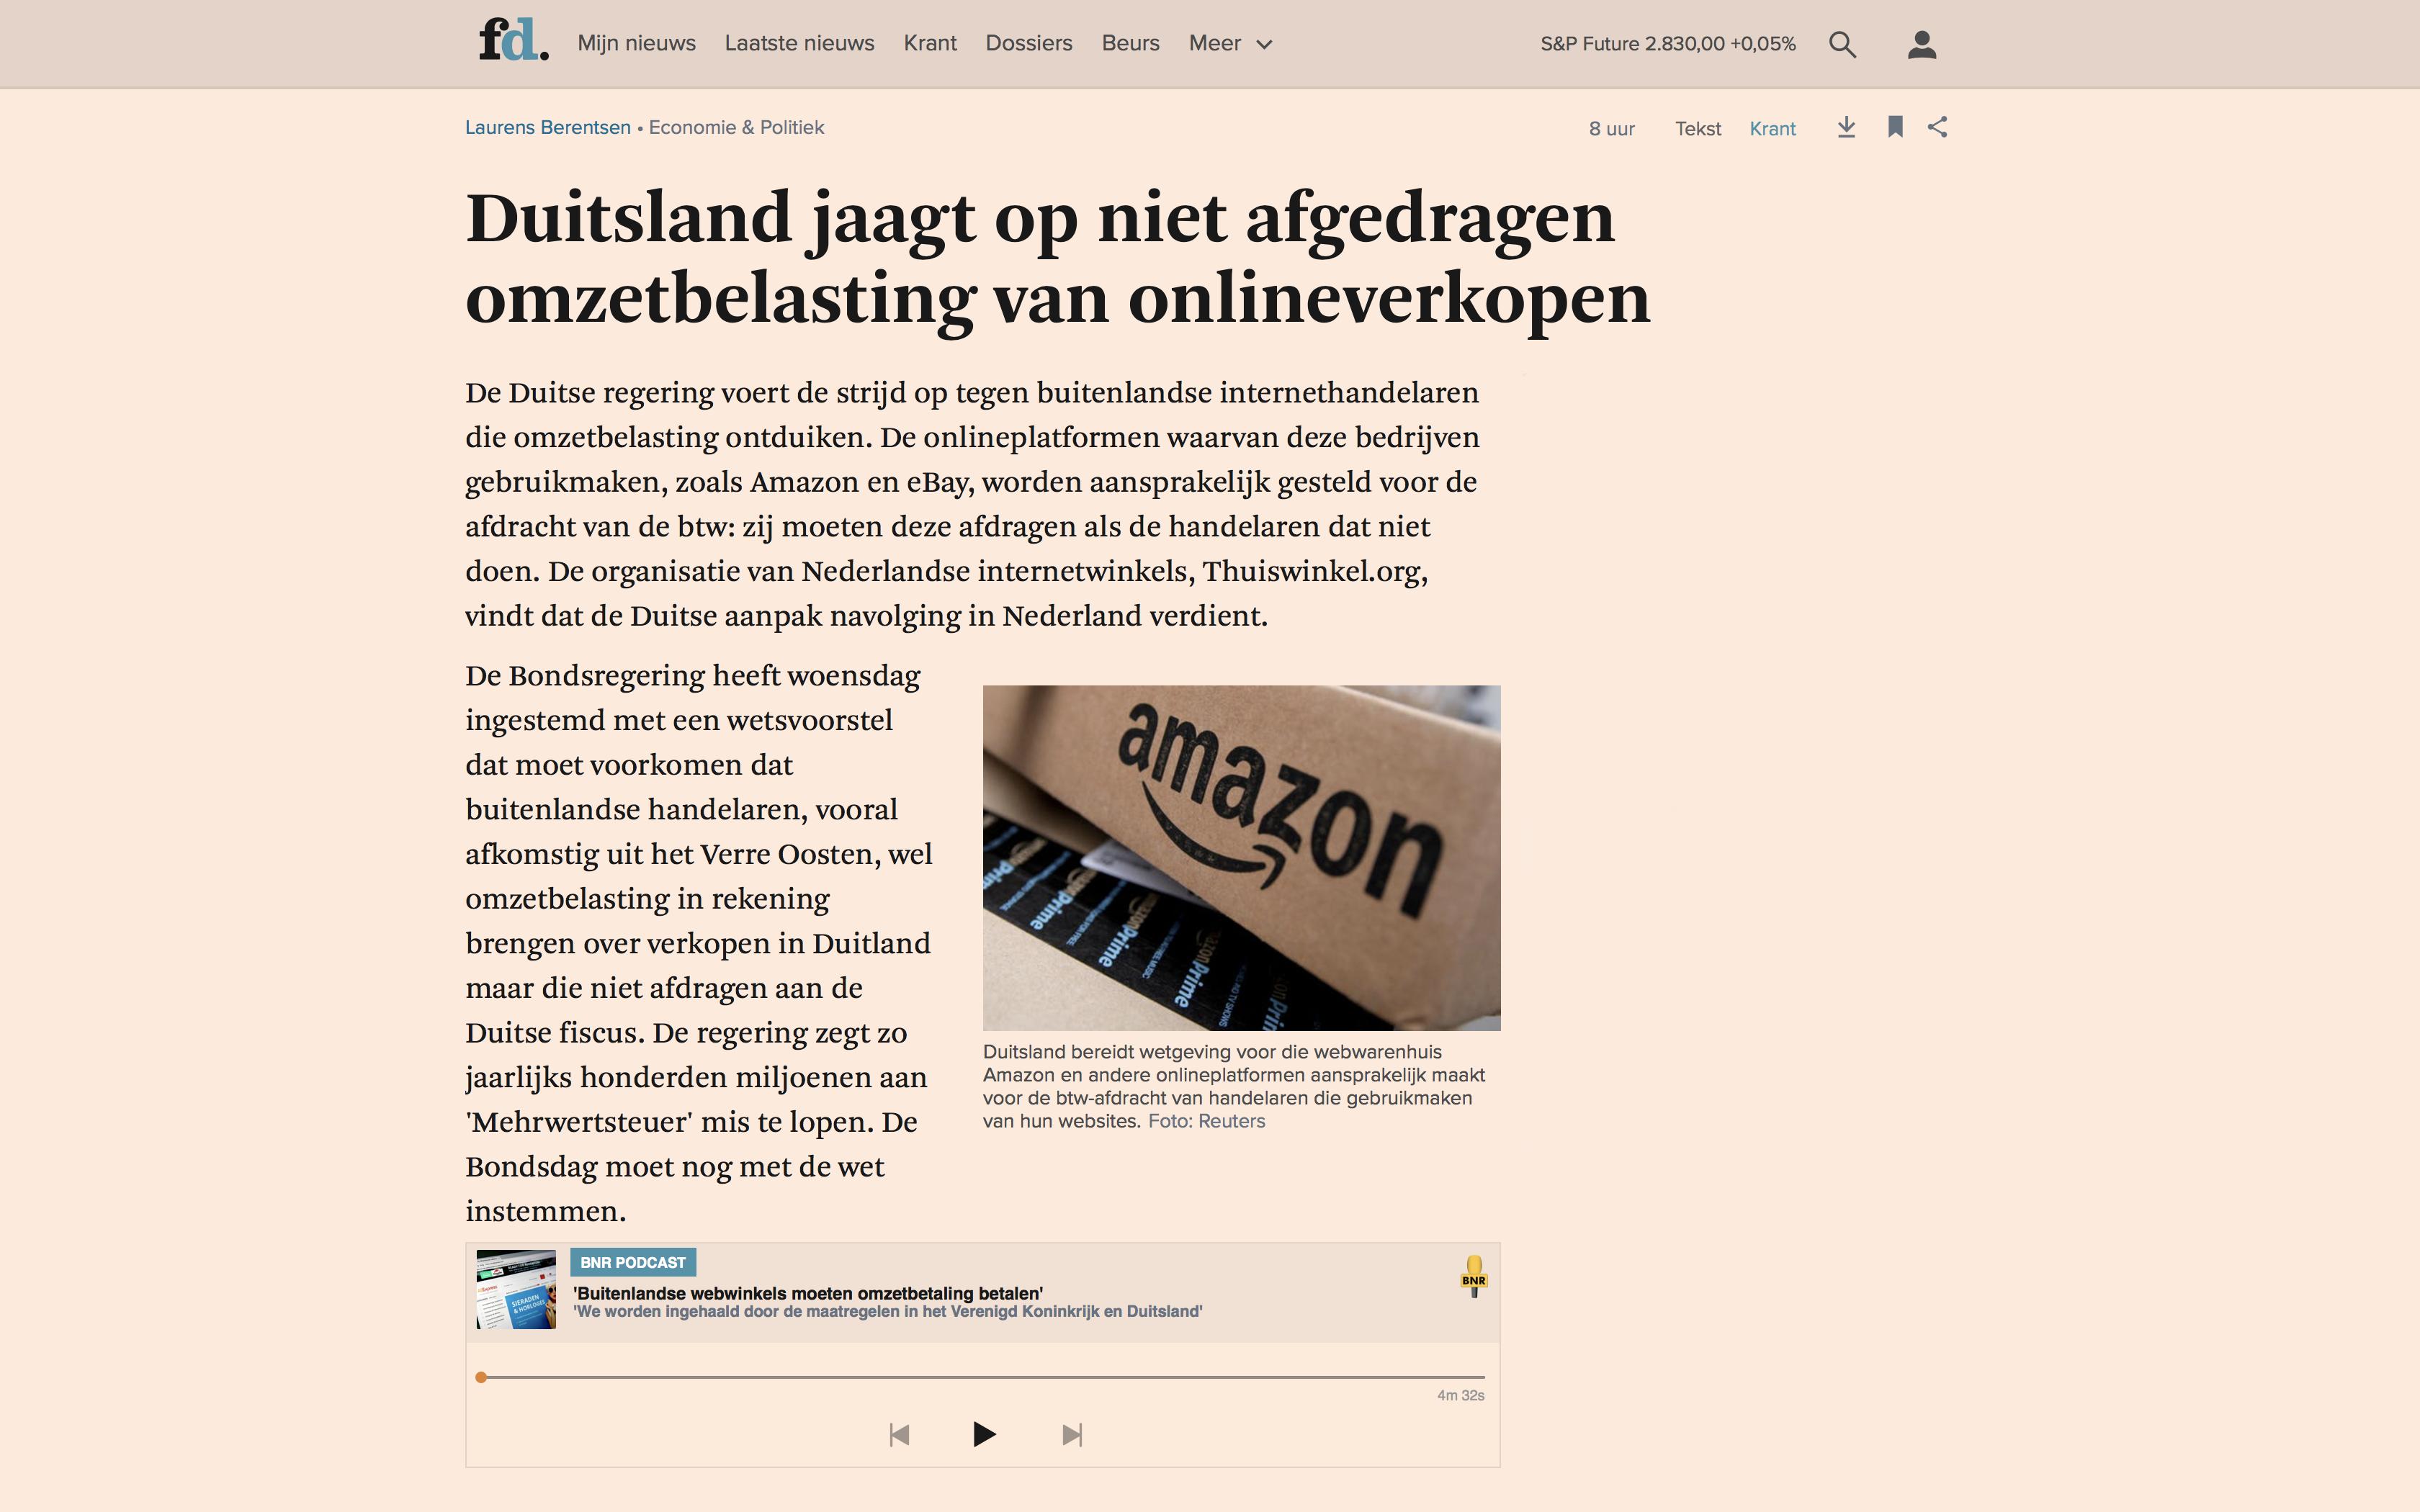 Duitsland jaagt op niet afgedragen omzetbelasting van onlineverkopen – Artikel FD